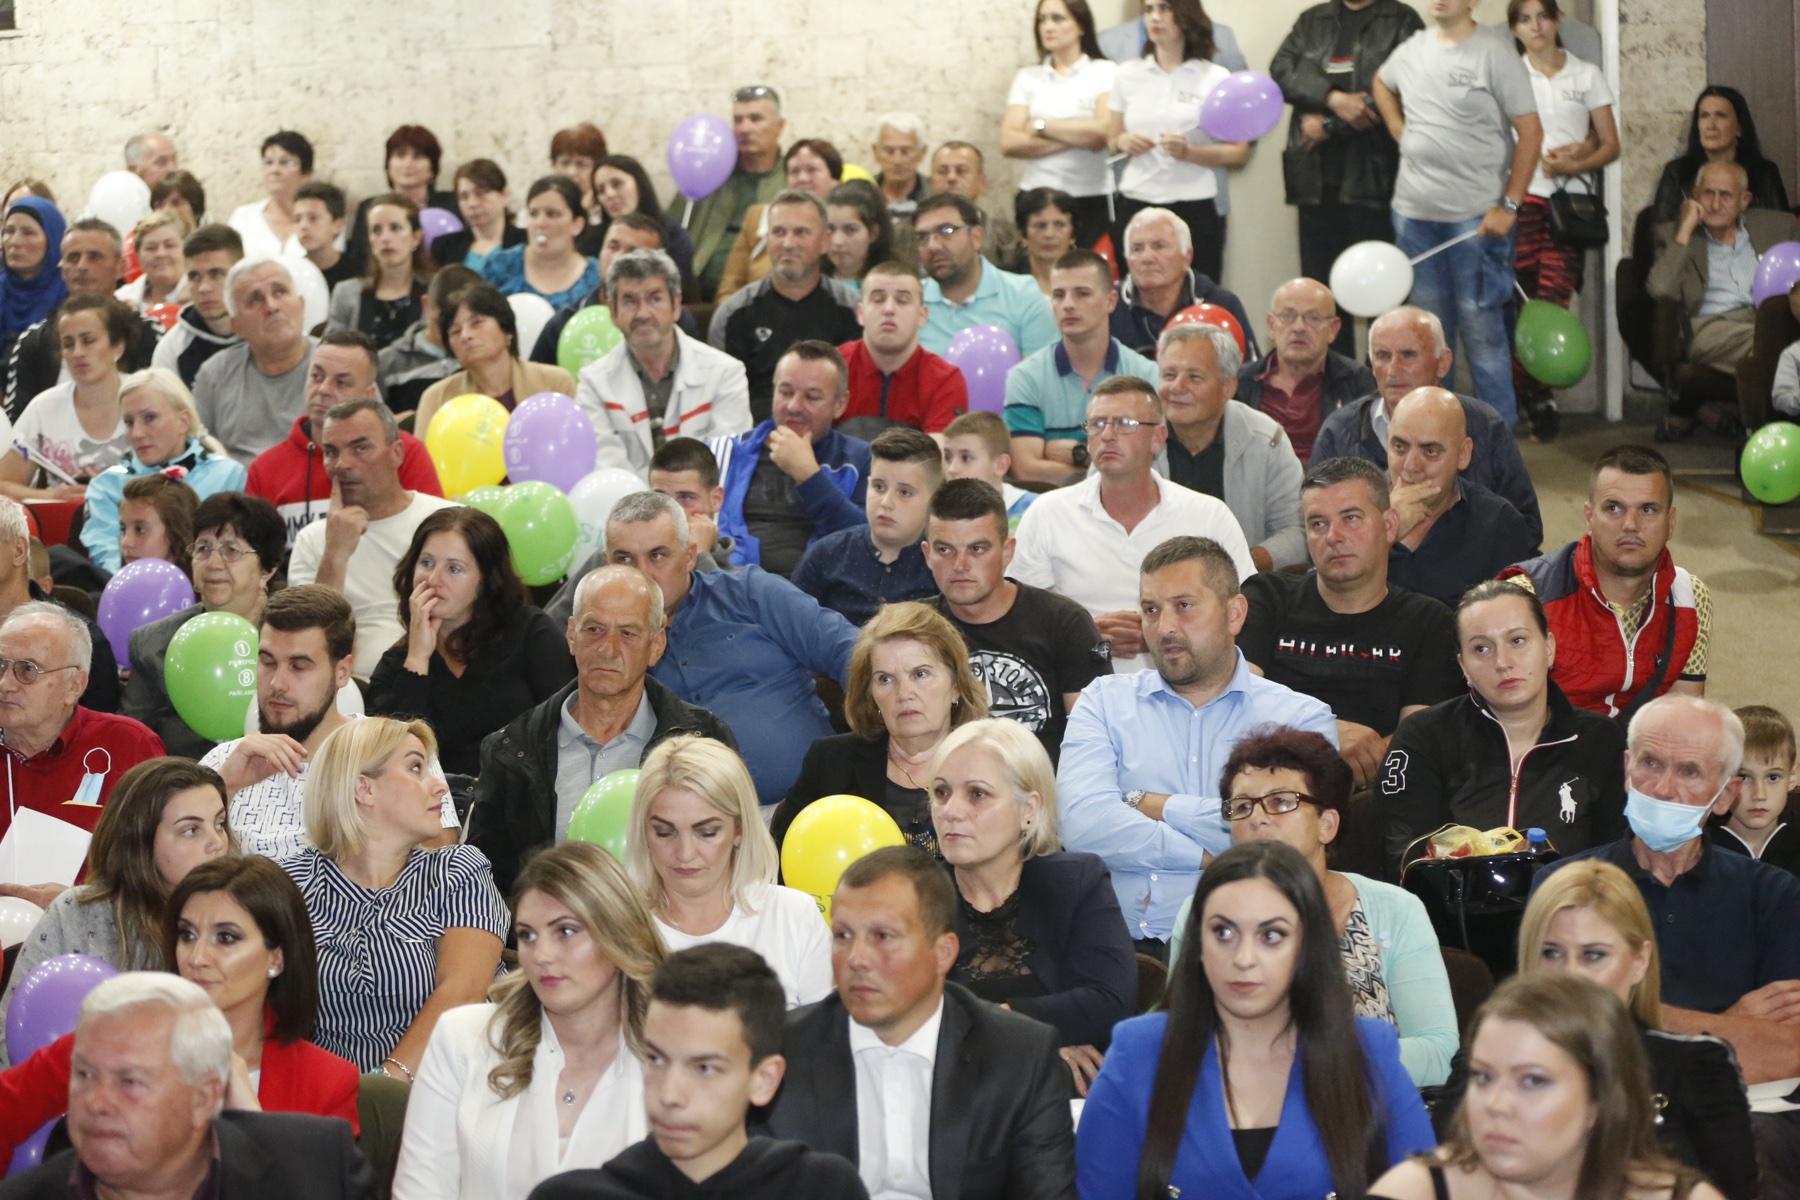 1592165411815544 - Završni miting u Prijepolju – SPP je bedem vjere, kulture i identiteta